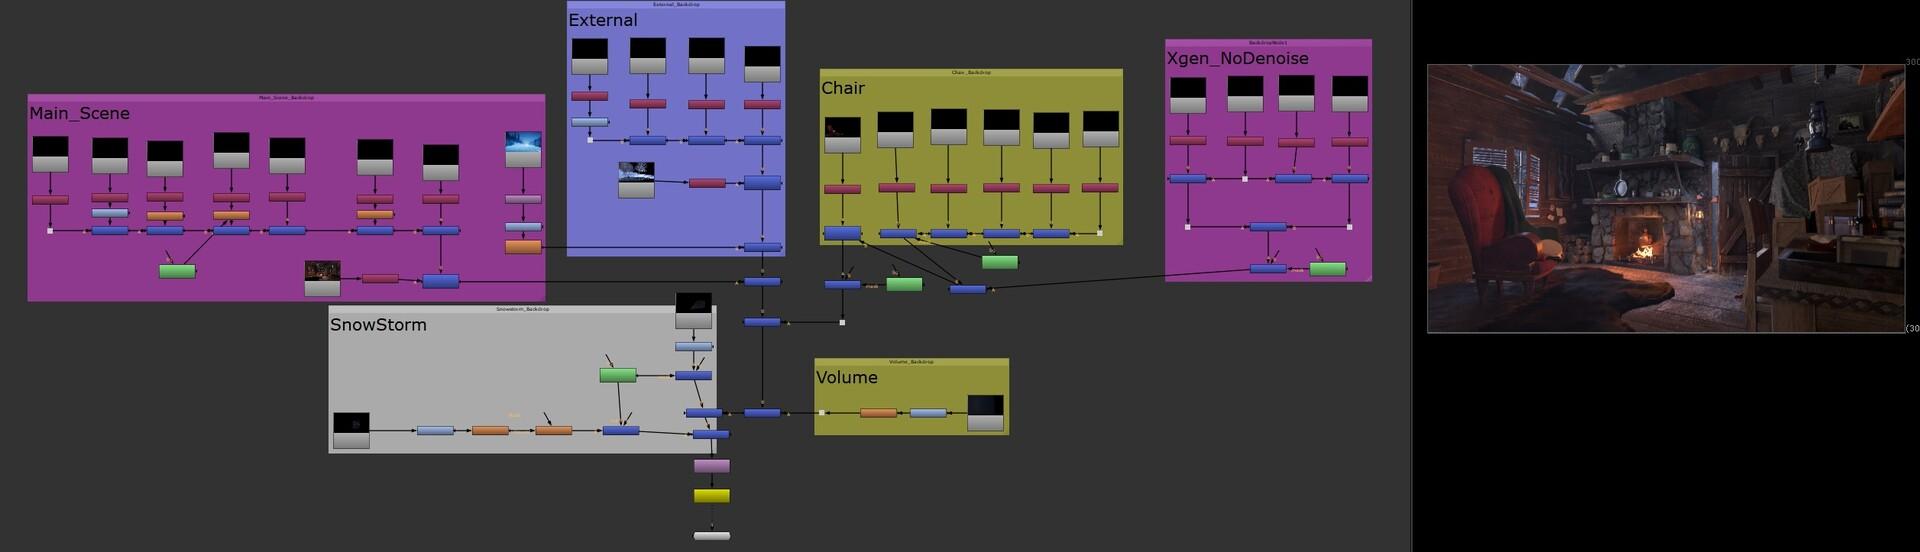 Nuke composition screenshot